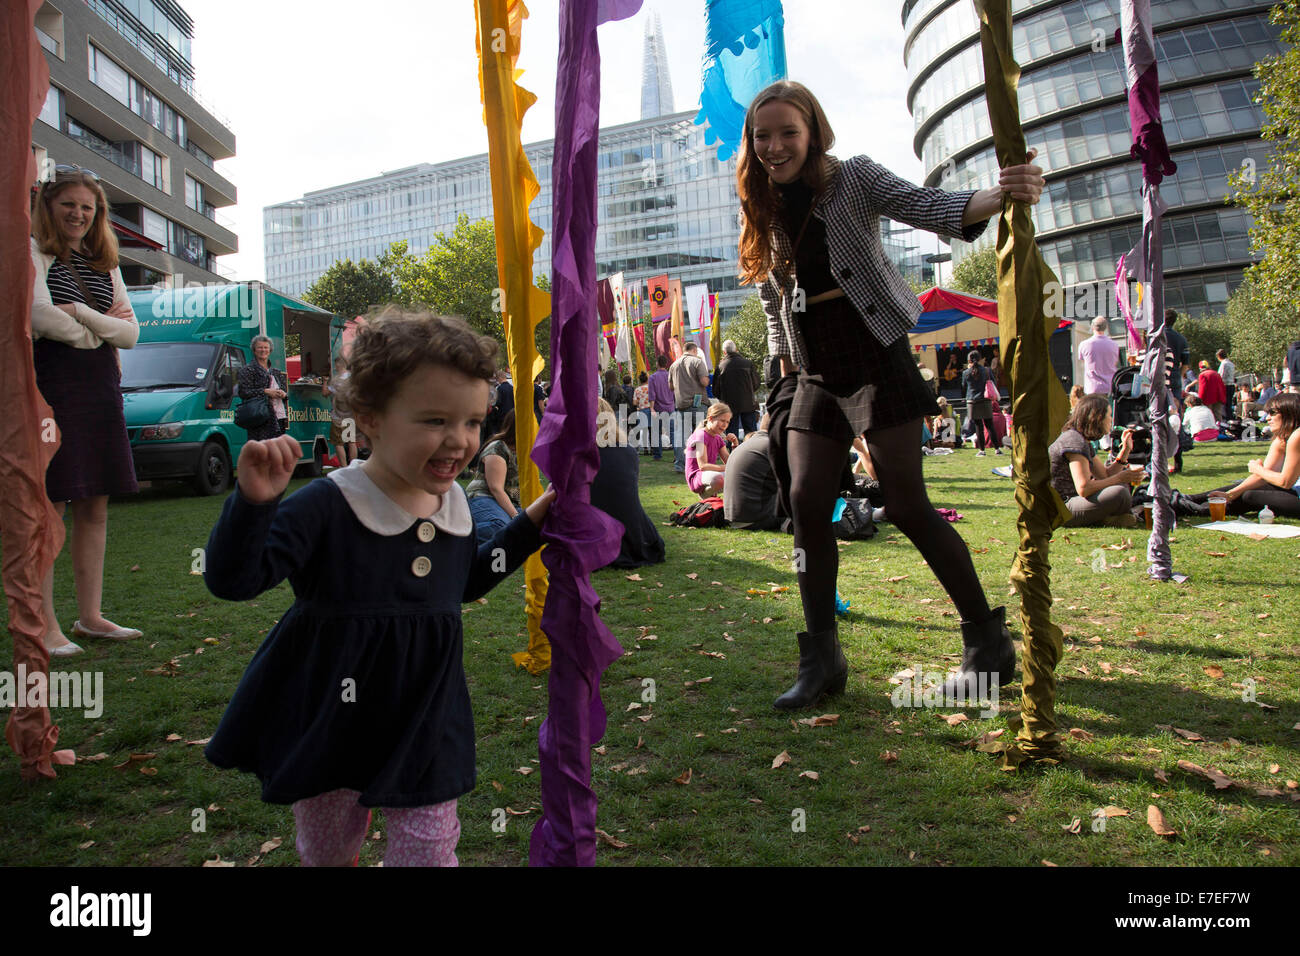 Menschen sammeln sich hängen, Bands anhören und andere Aktivitäten im Blue Ribbon Village. Thames Festival London Stockfoto